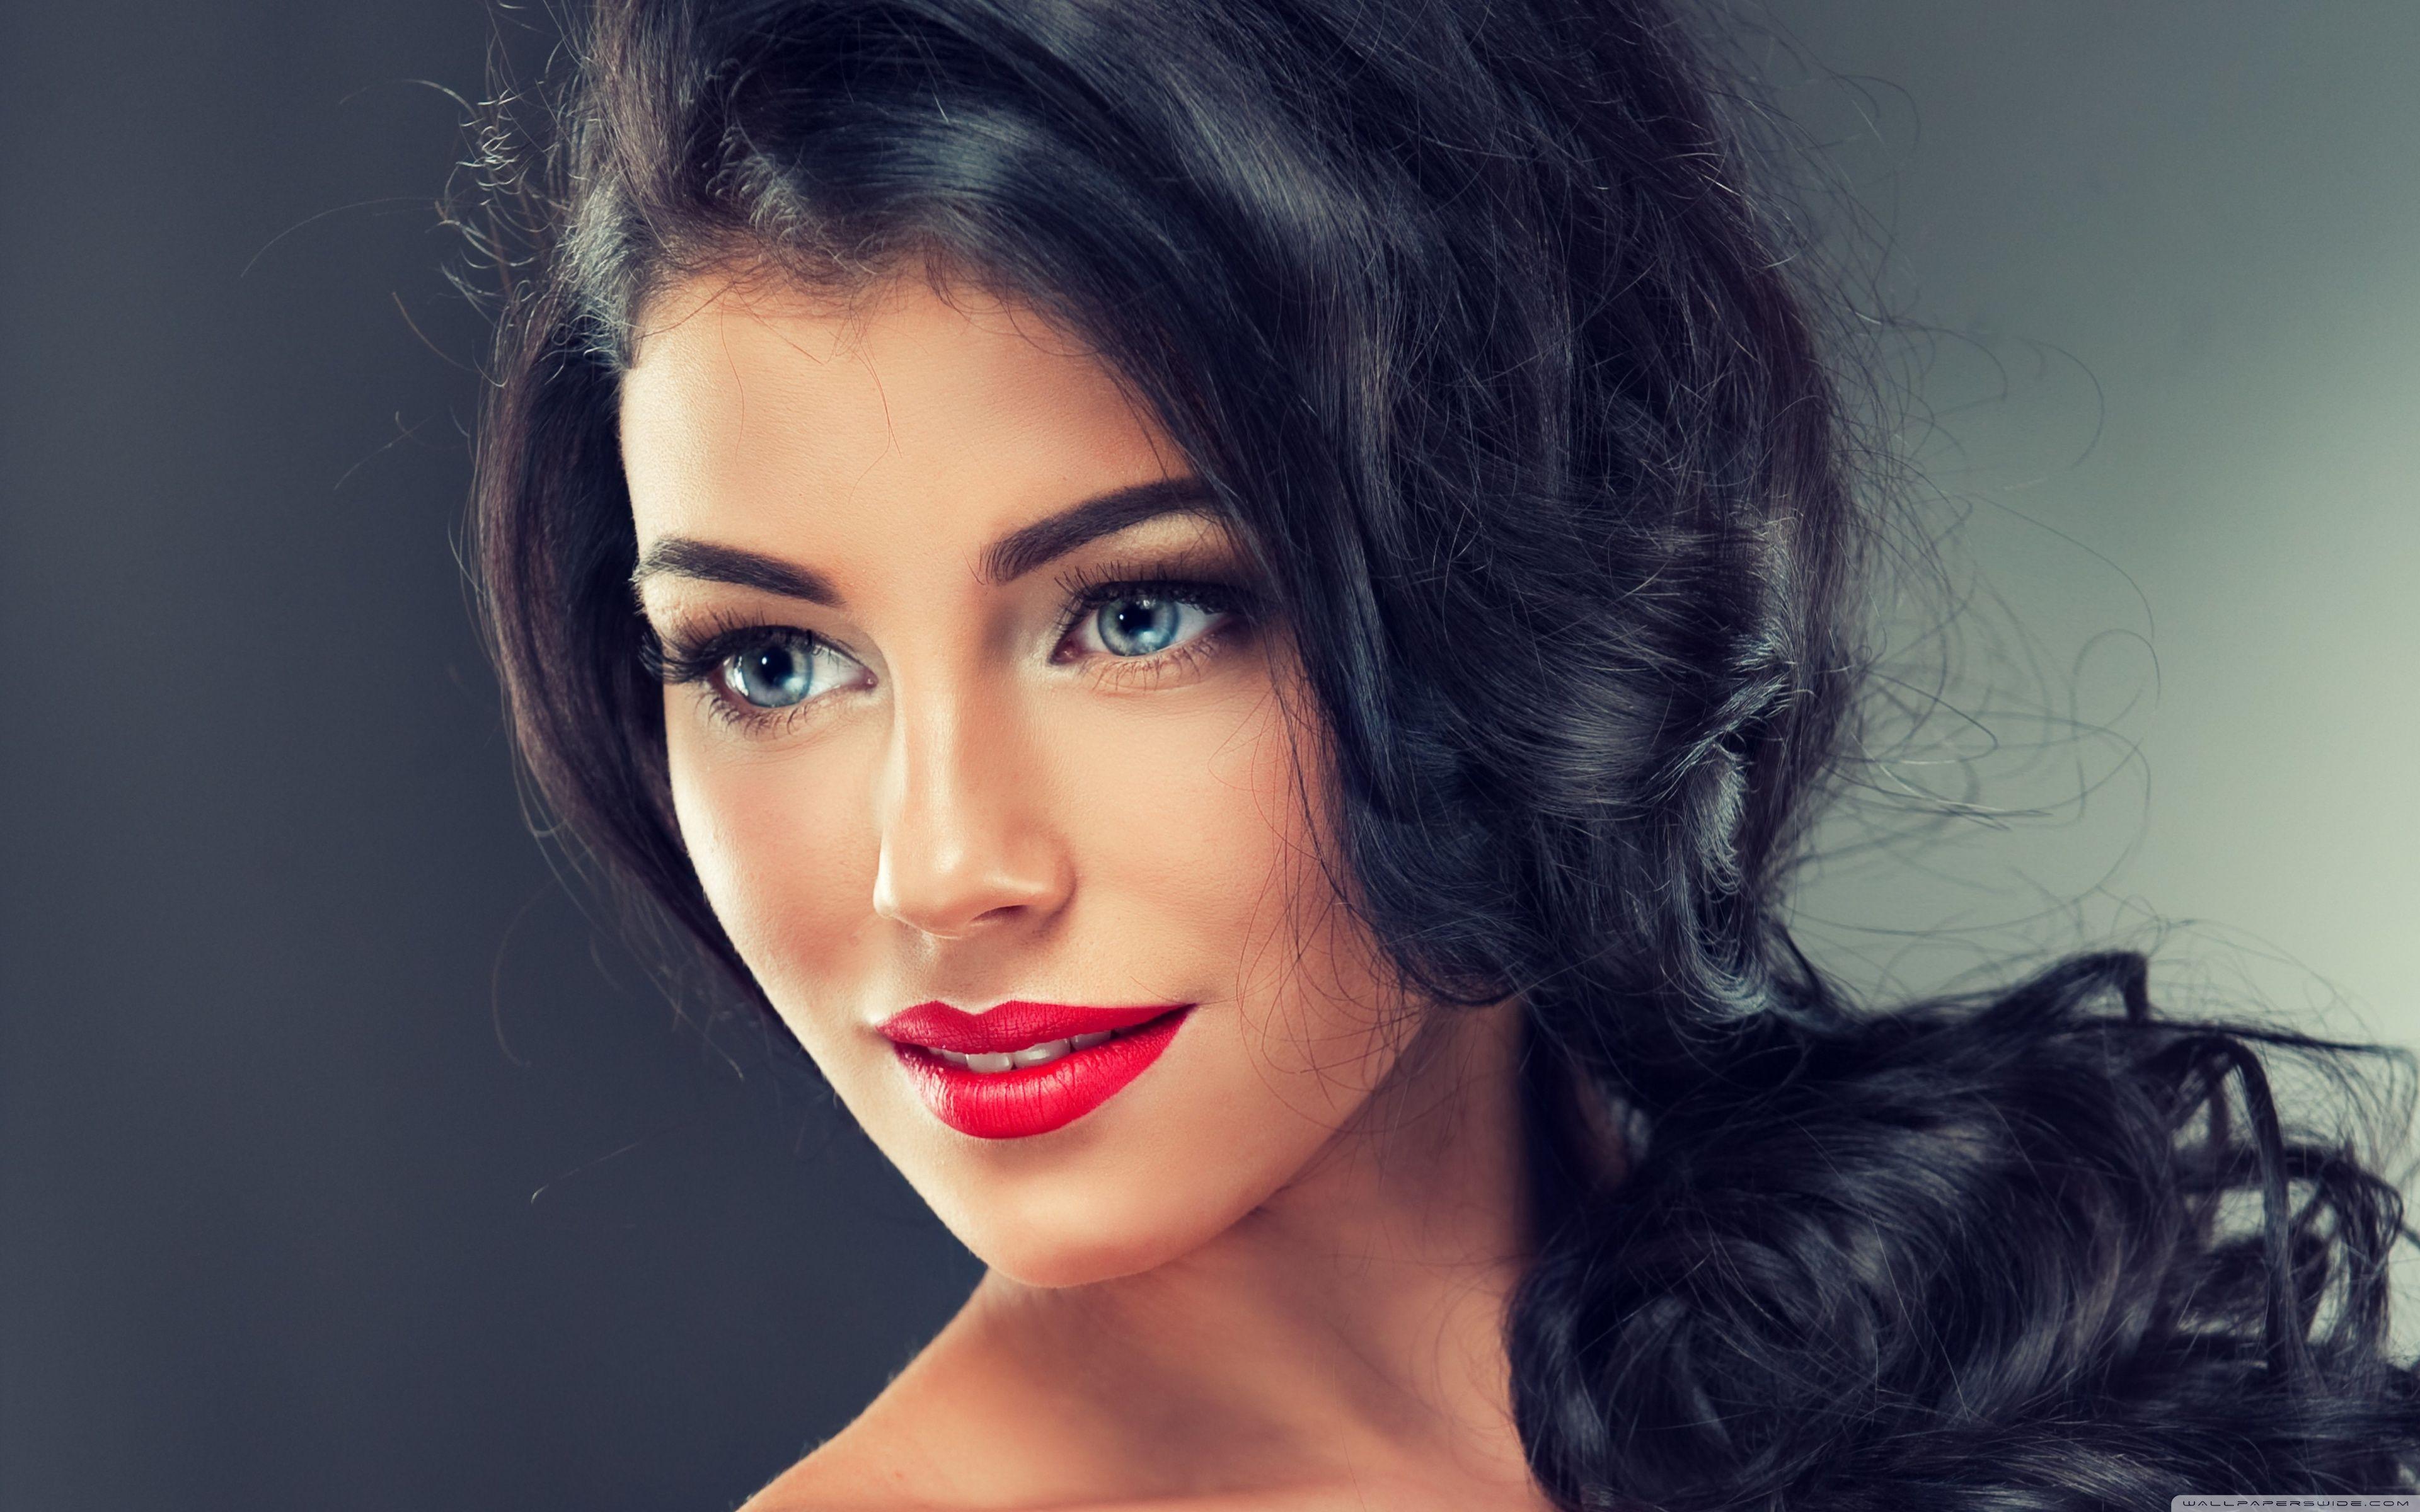 Beautiful Woman Wallpapers   Top Beautiful Woman Backgrounds 3840x2400